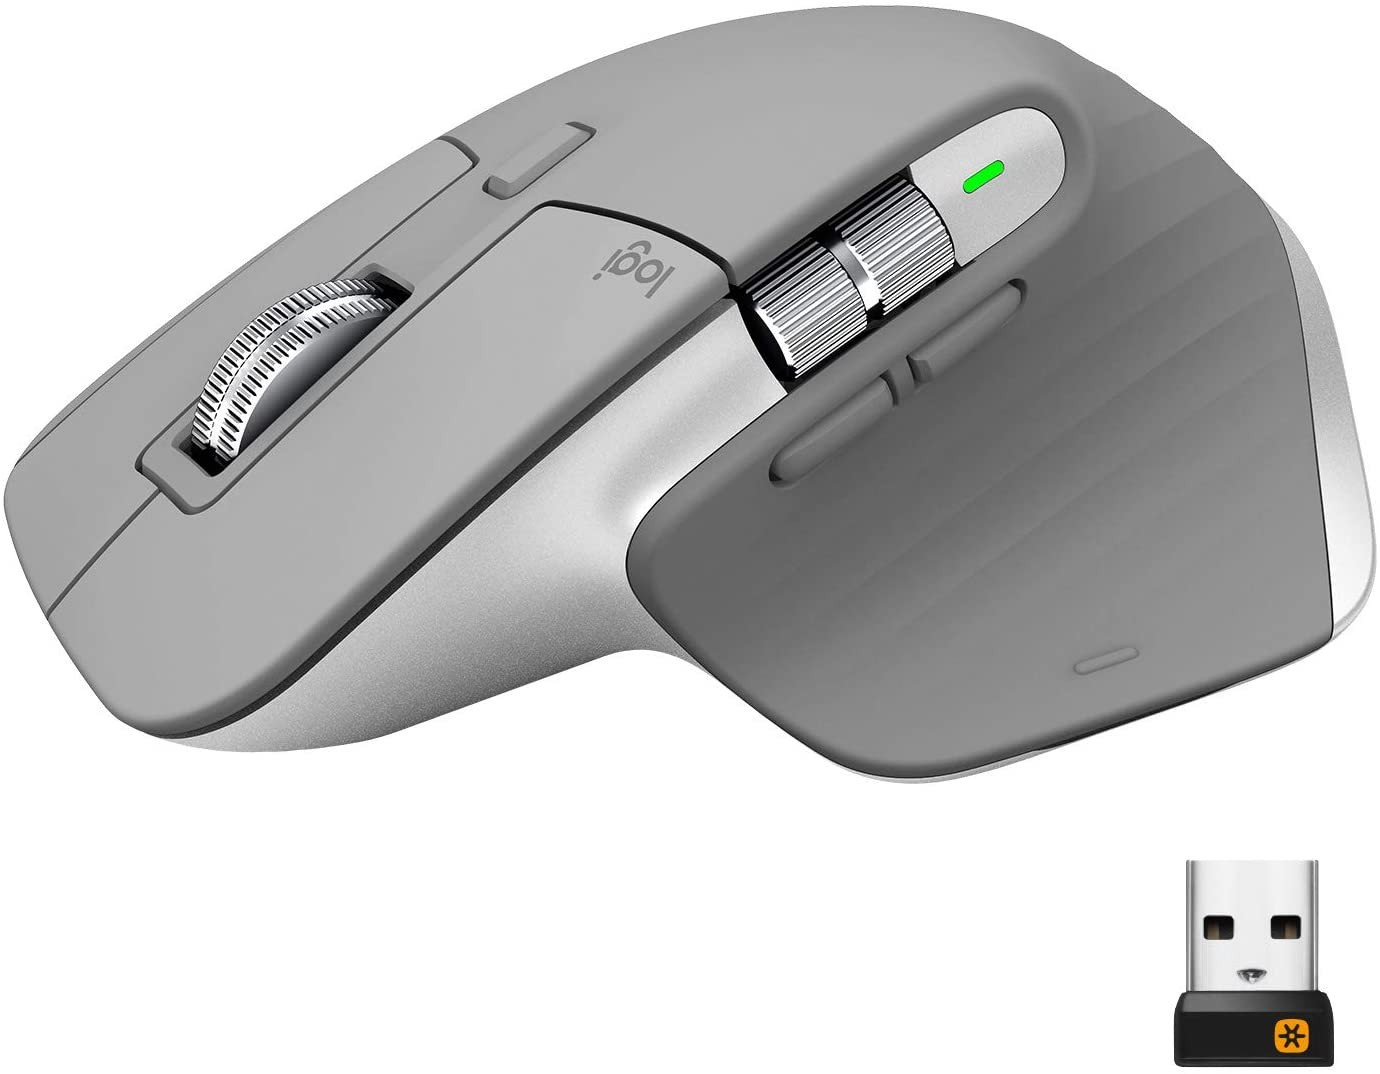 Logitech MX Master 3 šviesiai pilka belaidė pelė | 4000 DPI